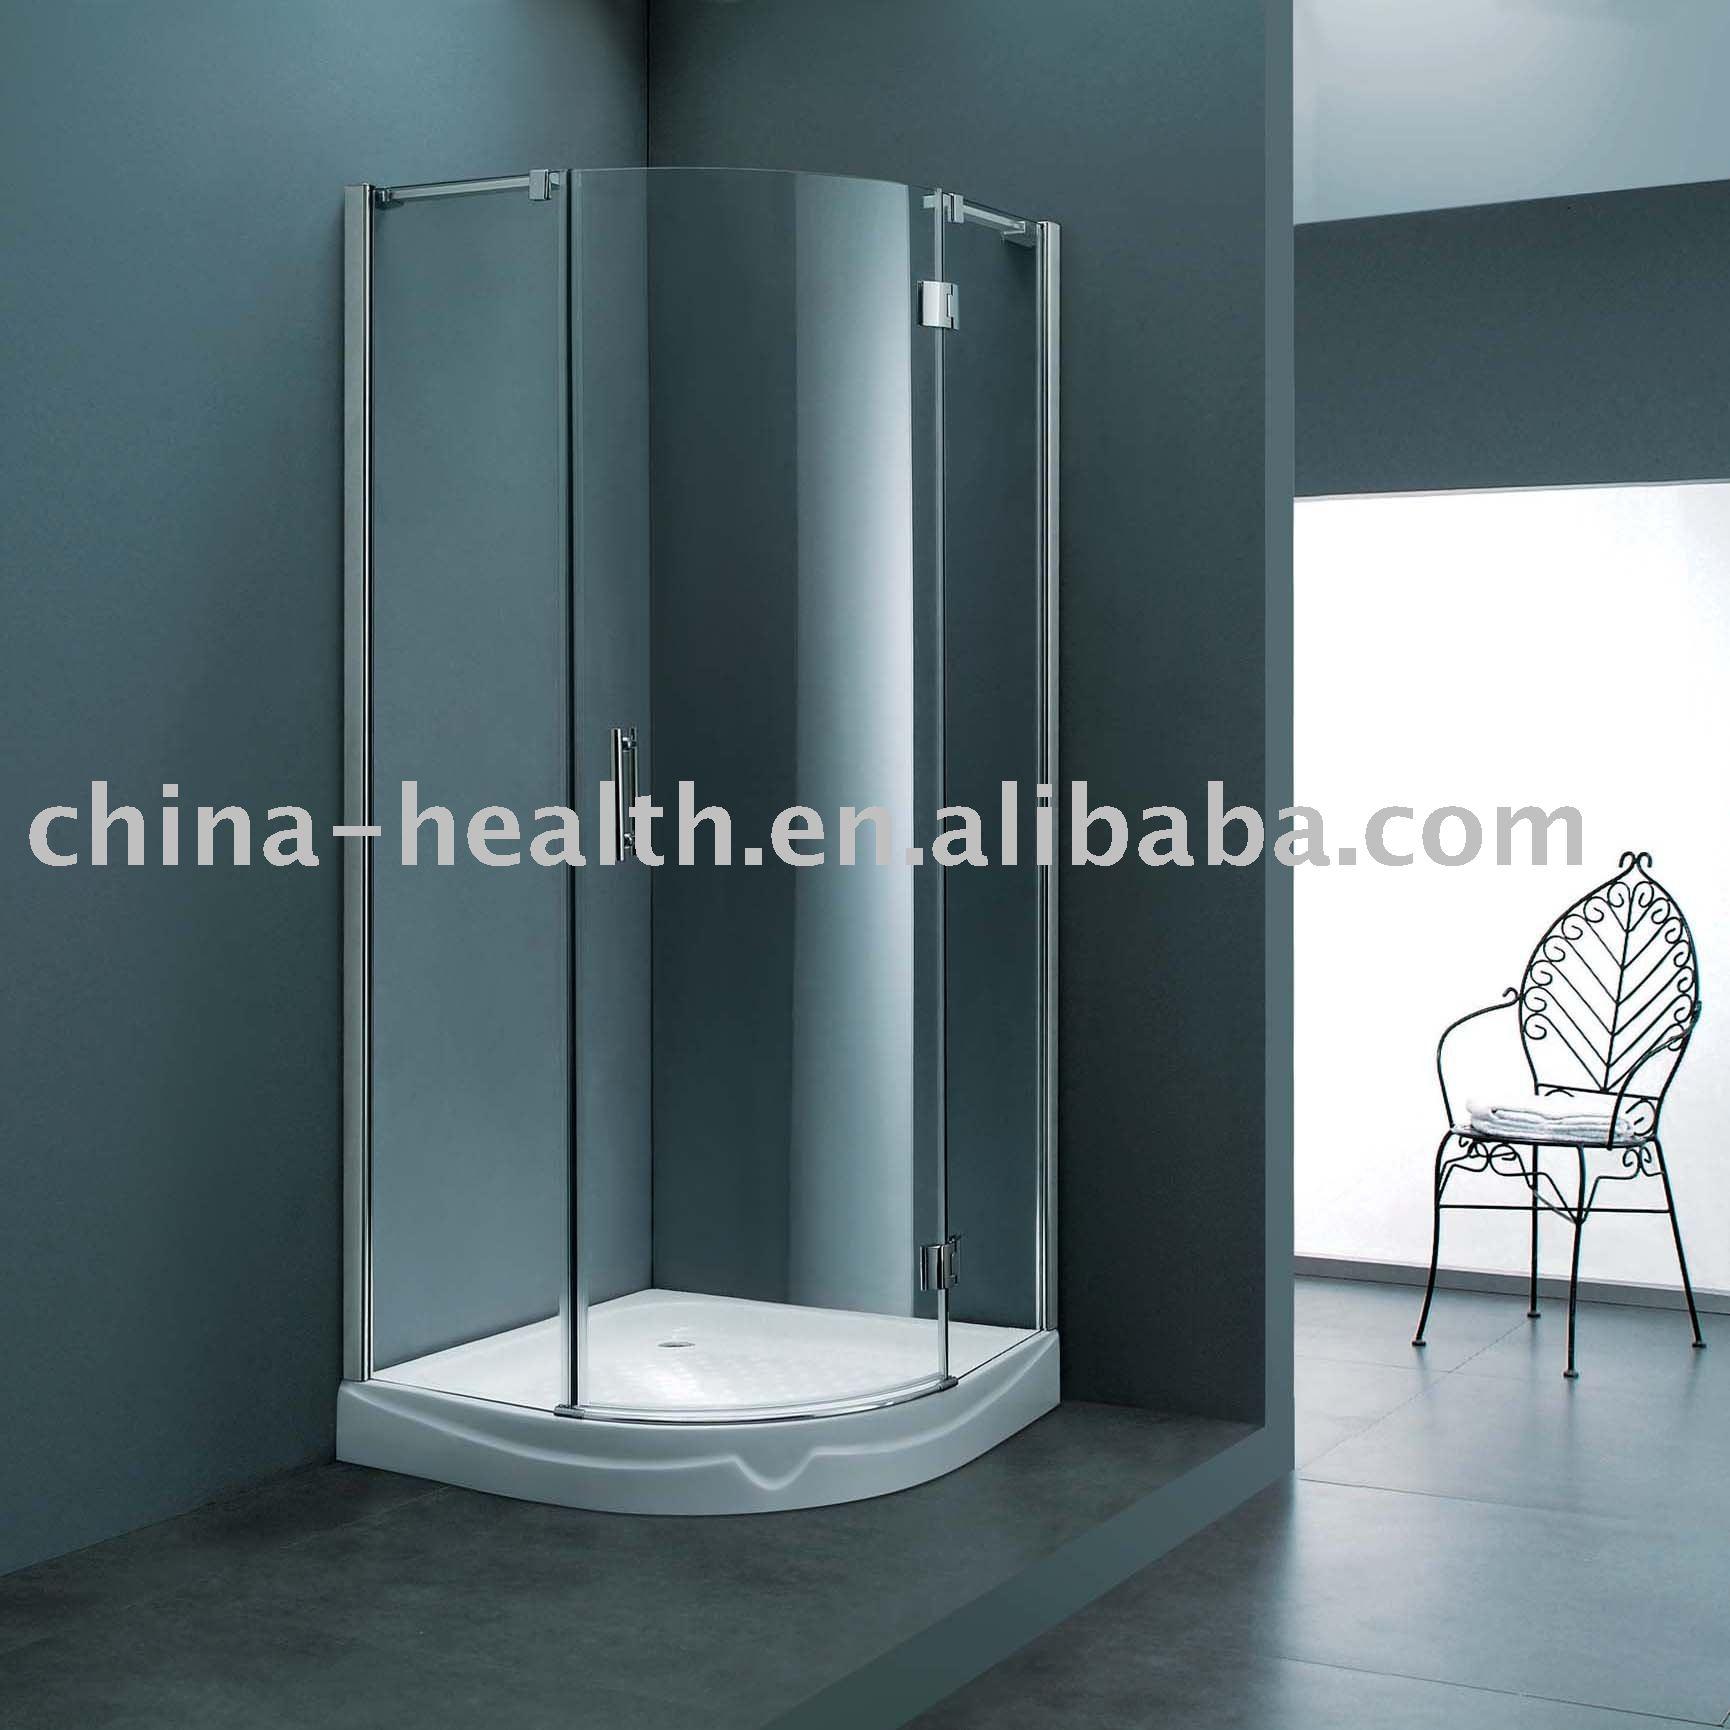 Porta de vidro do banheiro casa de banho Boxes de chuveiro ID do  #4A626A 1730 1730